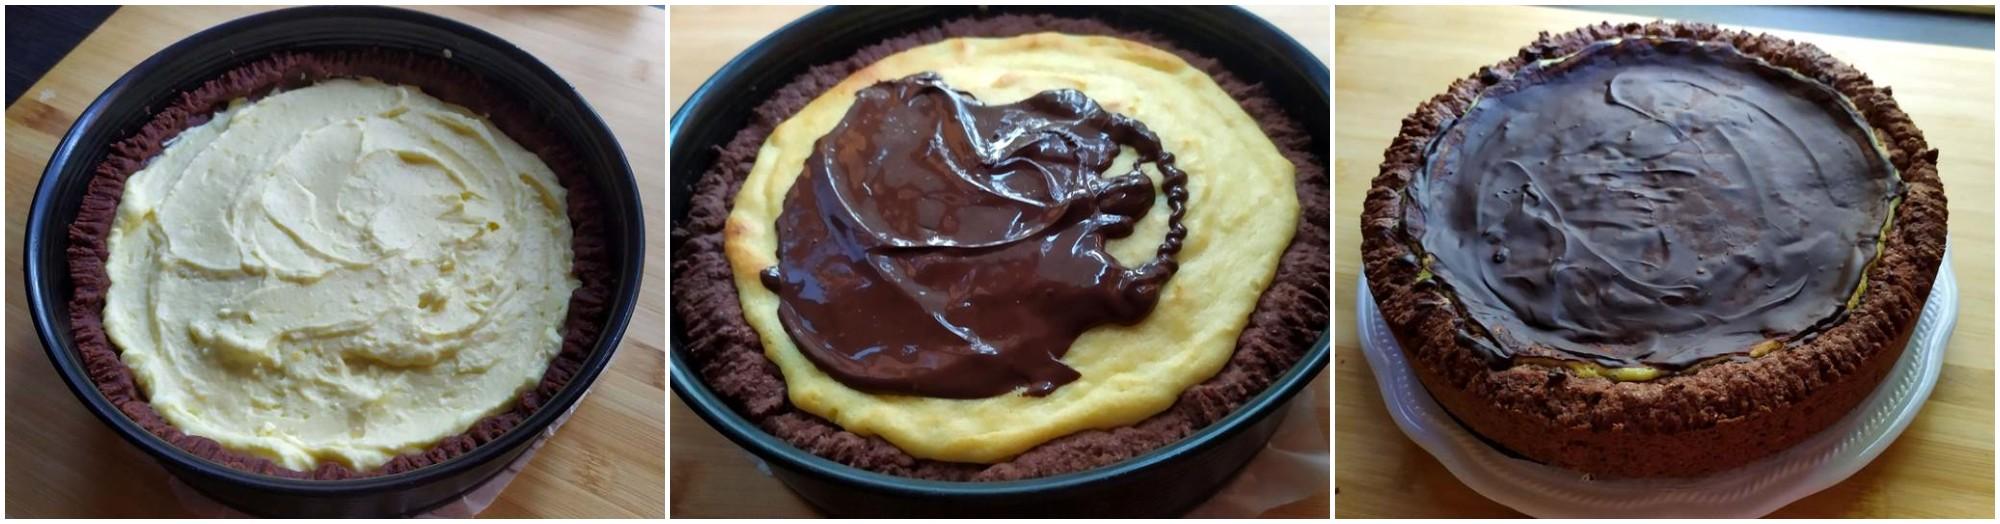 Torta Susanna al cacao